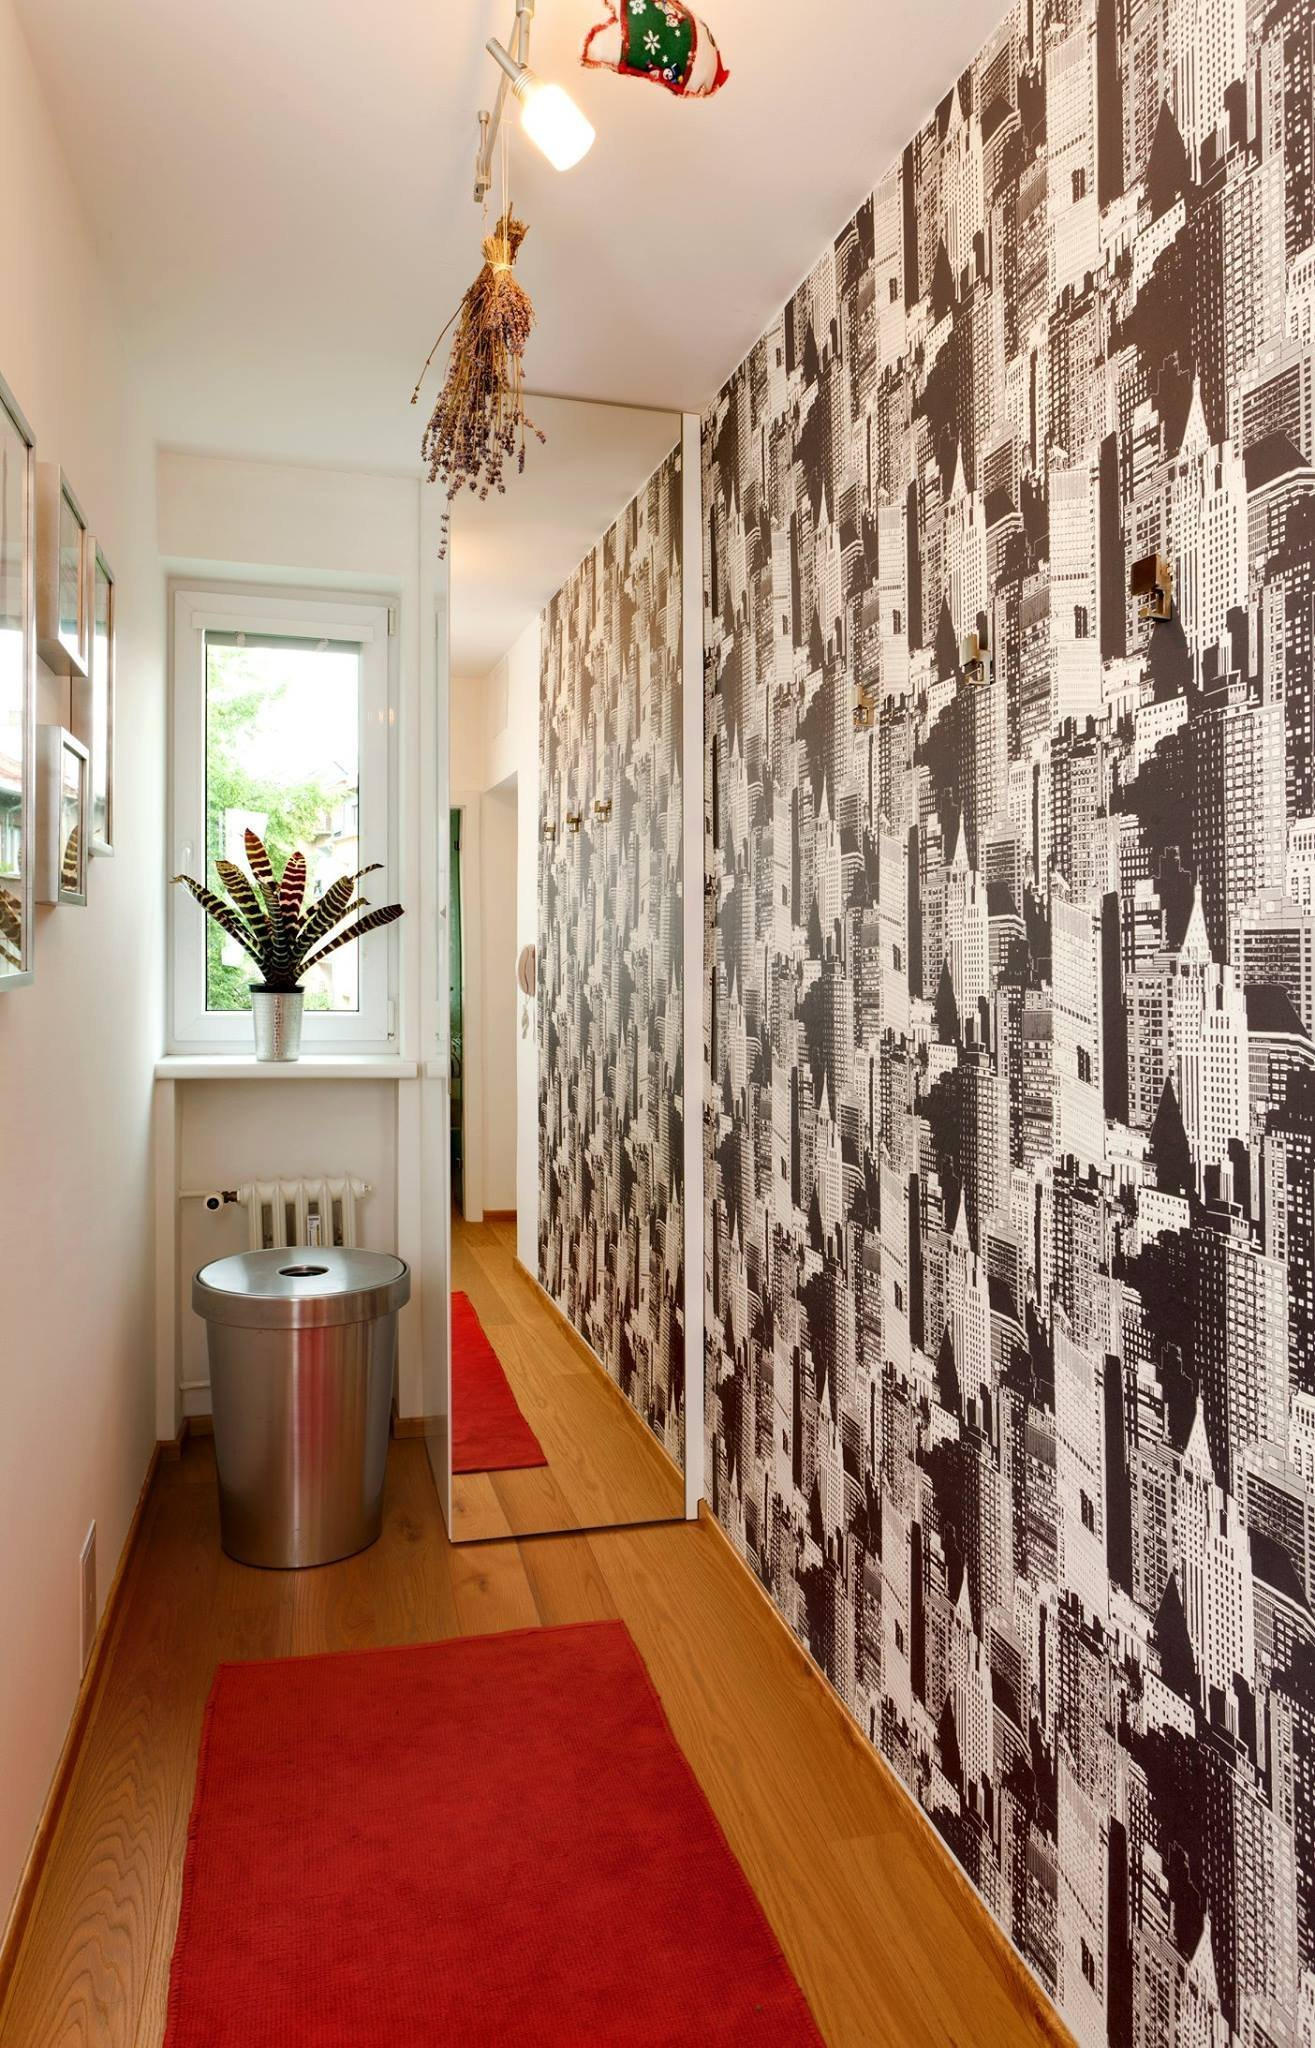 Moderní interiér s bambusem